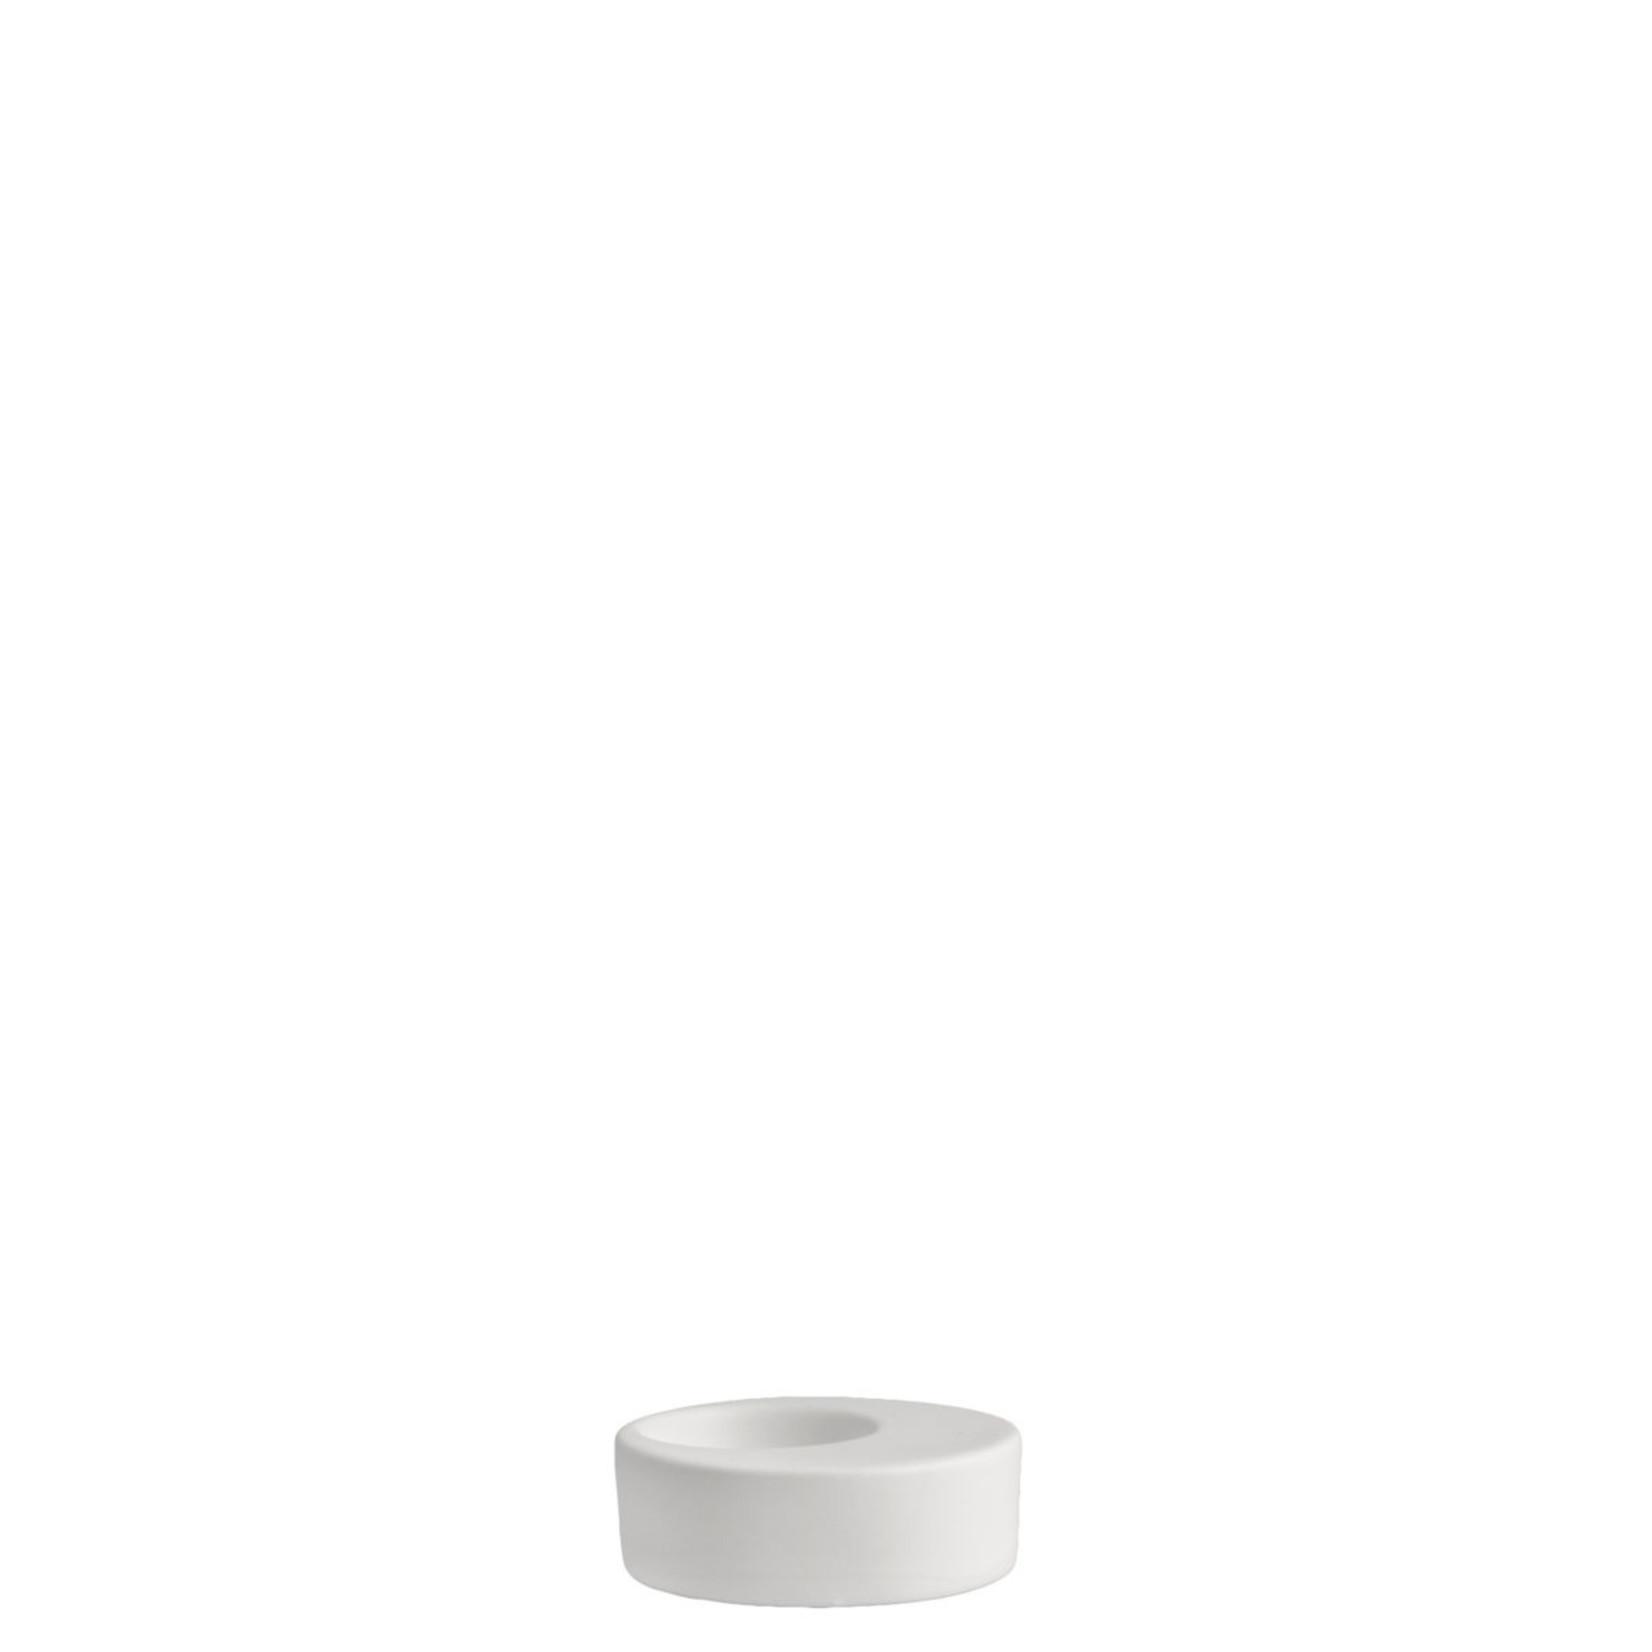 Storefactory  Teelichthalter Evedal weiß